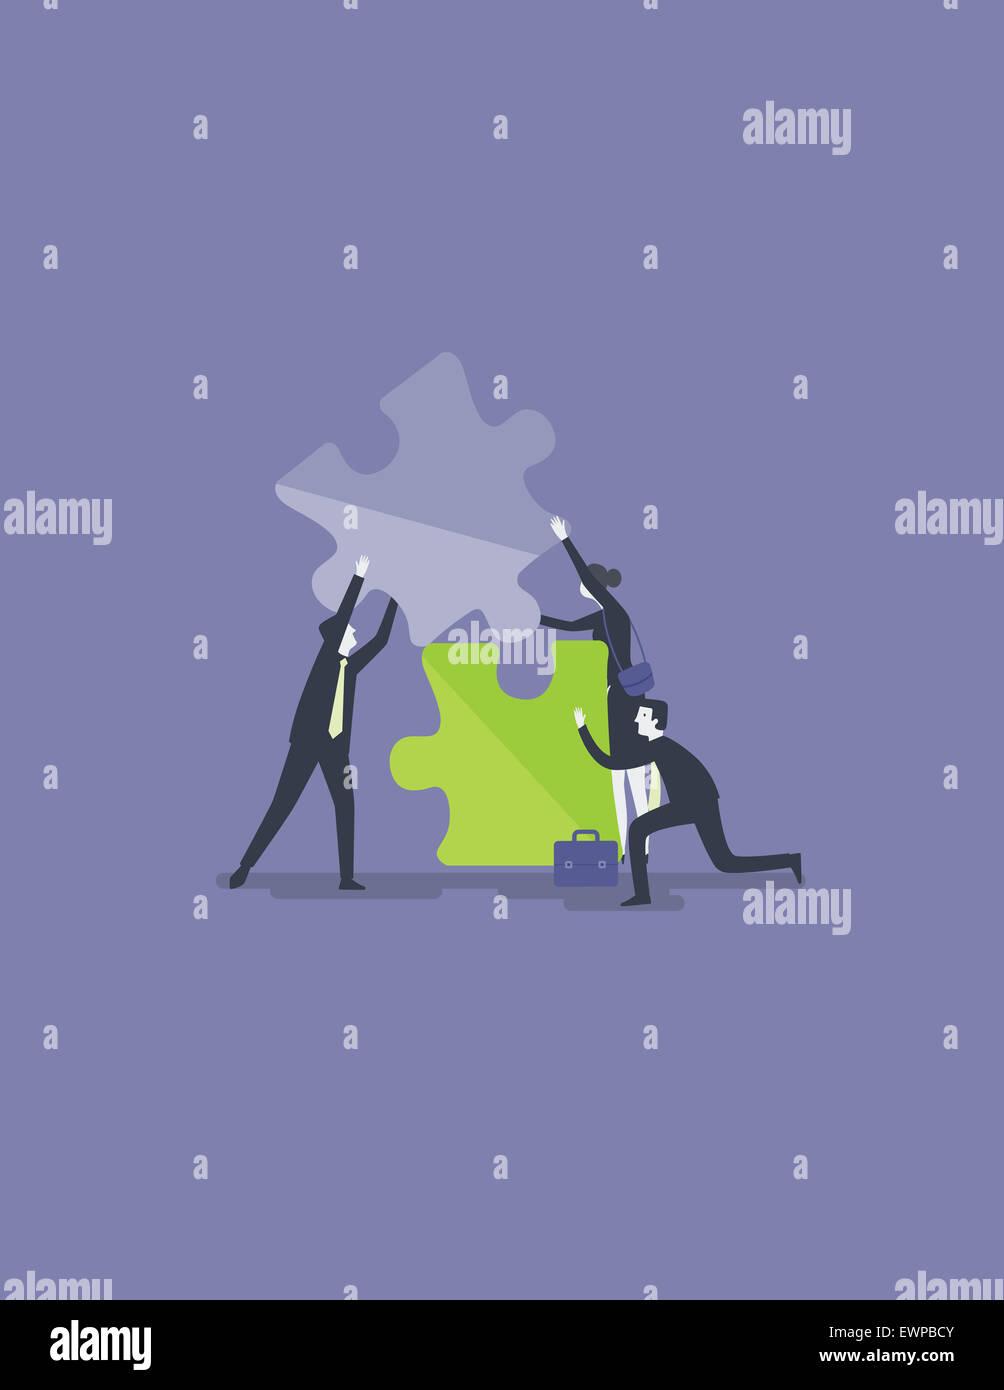 La gente de negocios la fijación de pieza del rompecabezas para solución para colaborar o combinar Imagen De Stock